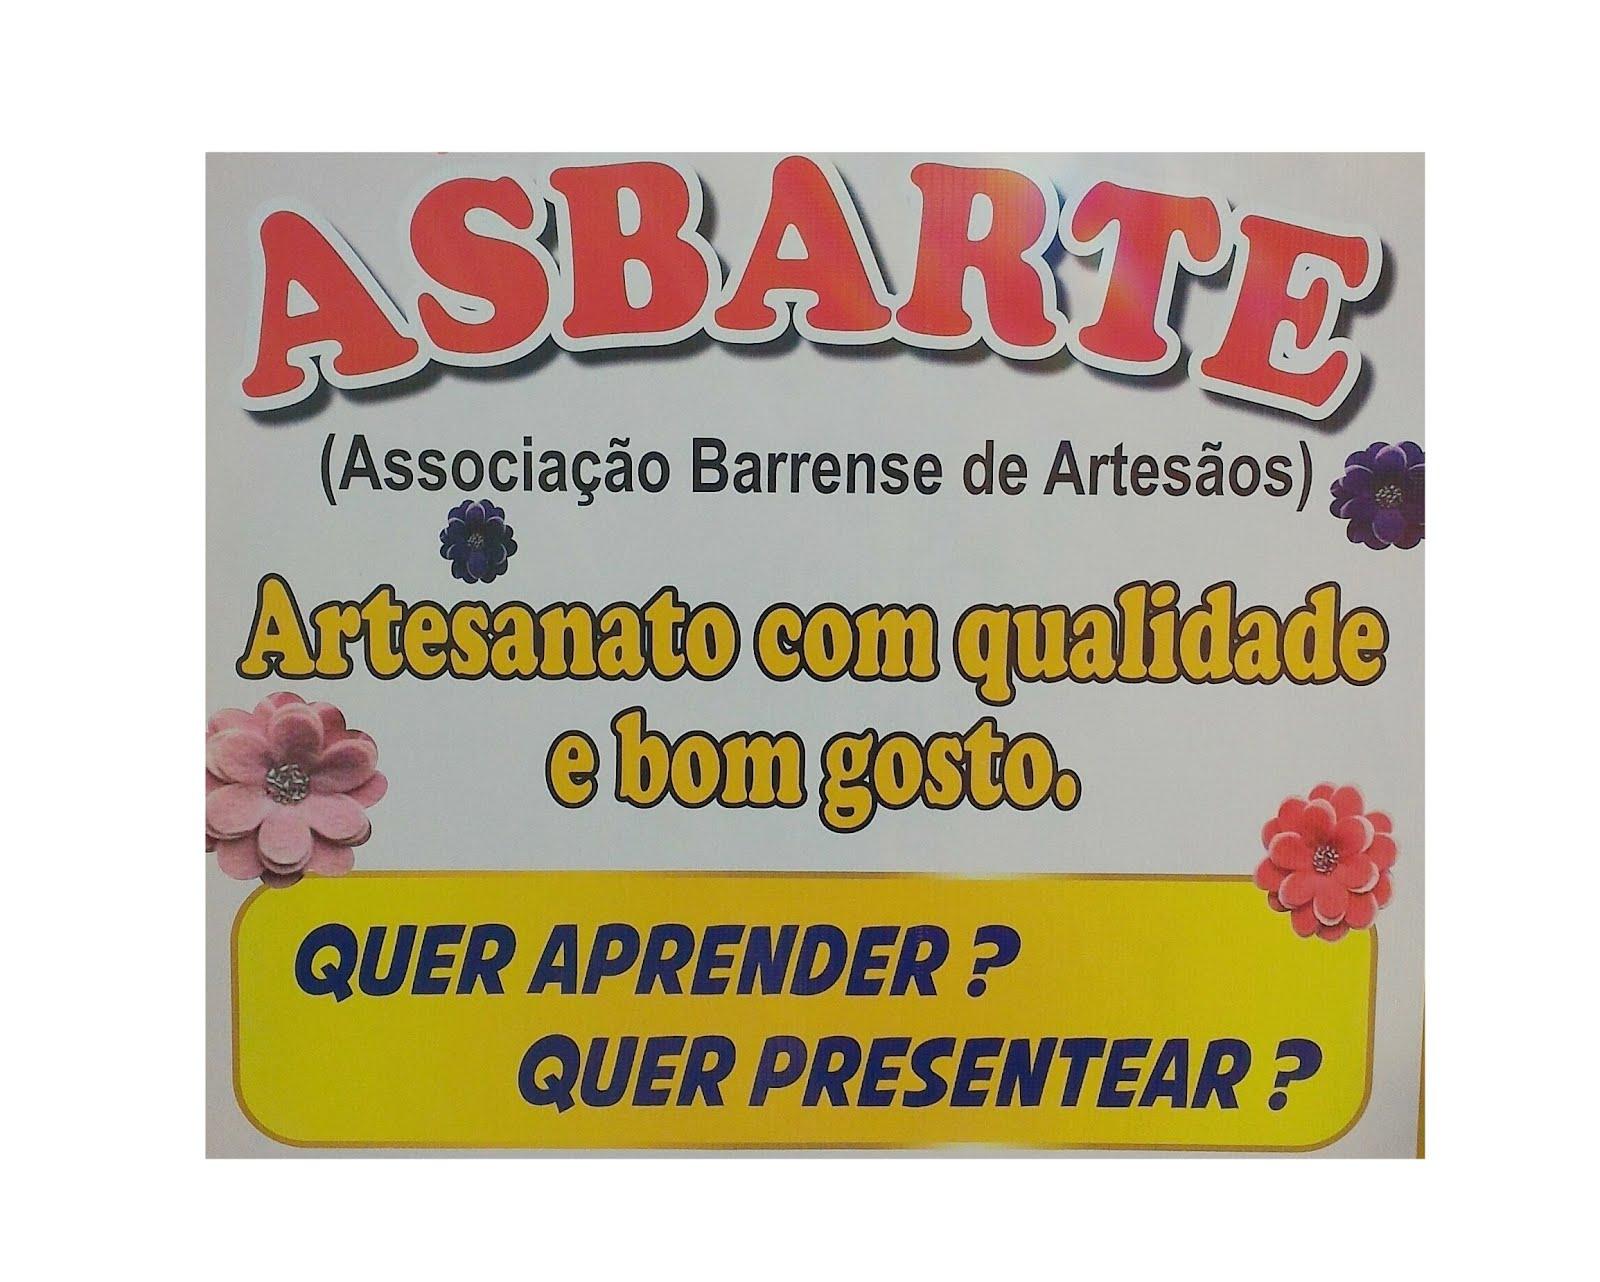 Asbarte Artesanato